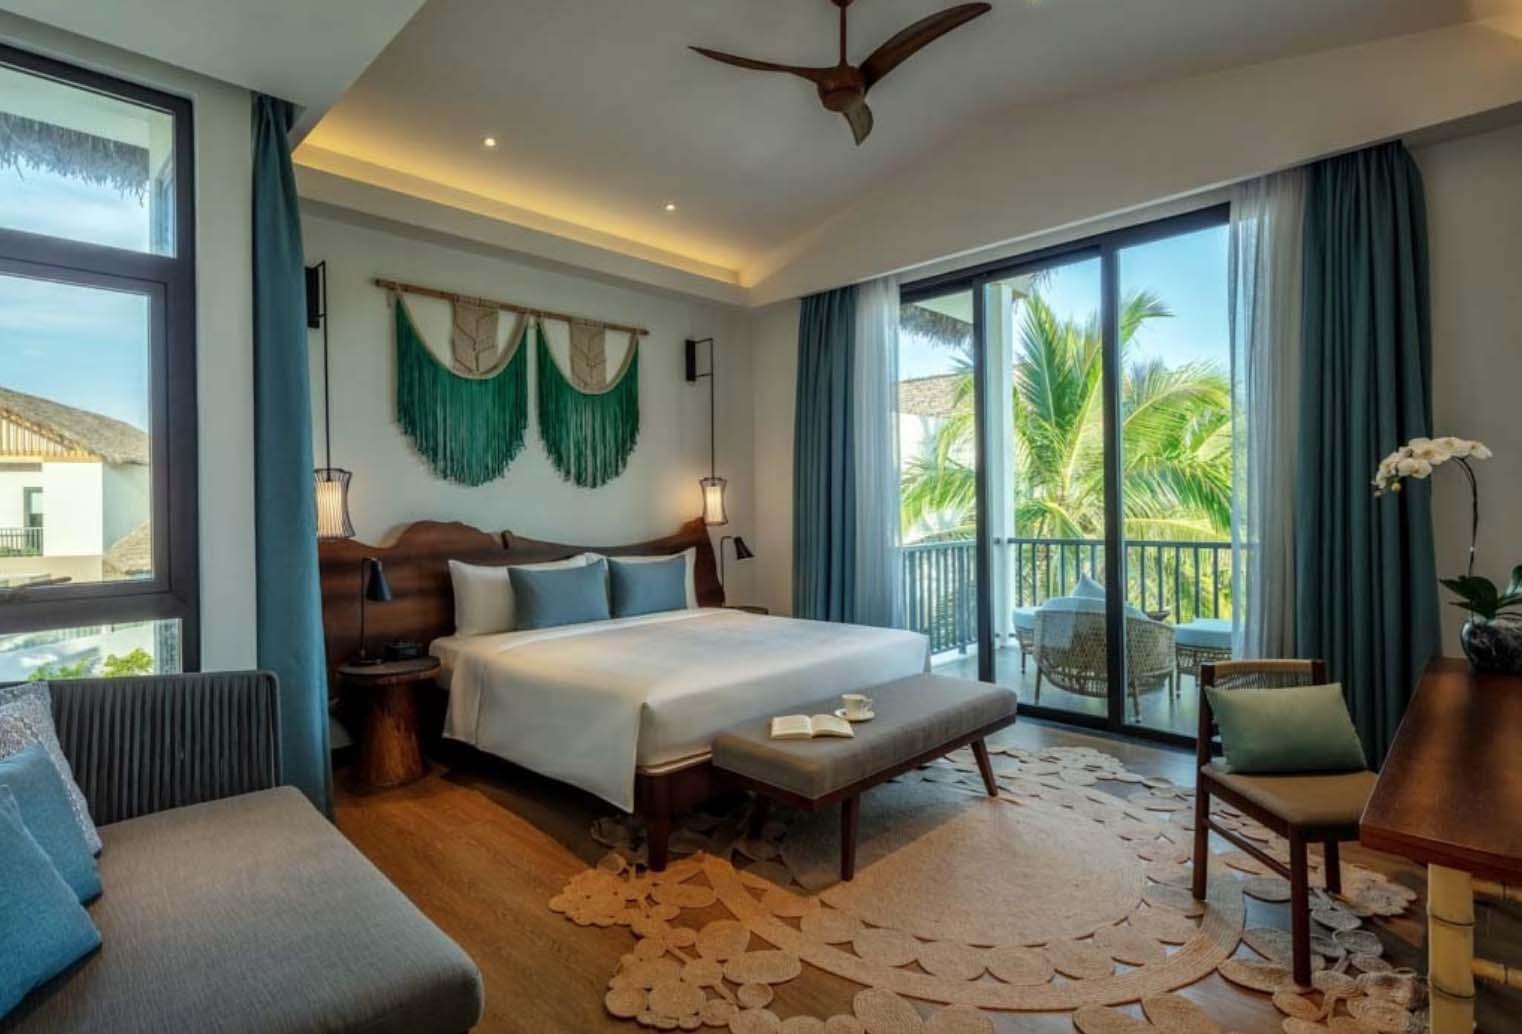 Tạp chí danh tiếng Mỹ gợi ý 2 khách sạn Việt Nam lọt top điểm đến tuyệt vời nhất thế giới 2021 - Ảnh 3.